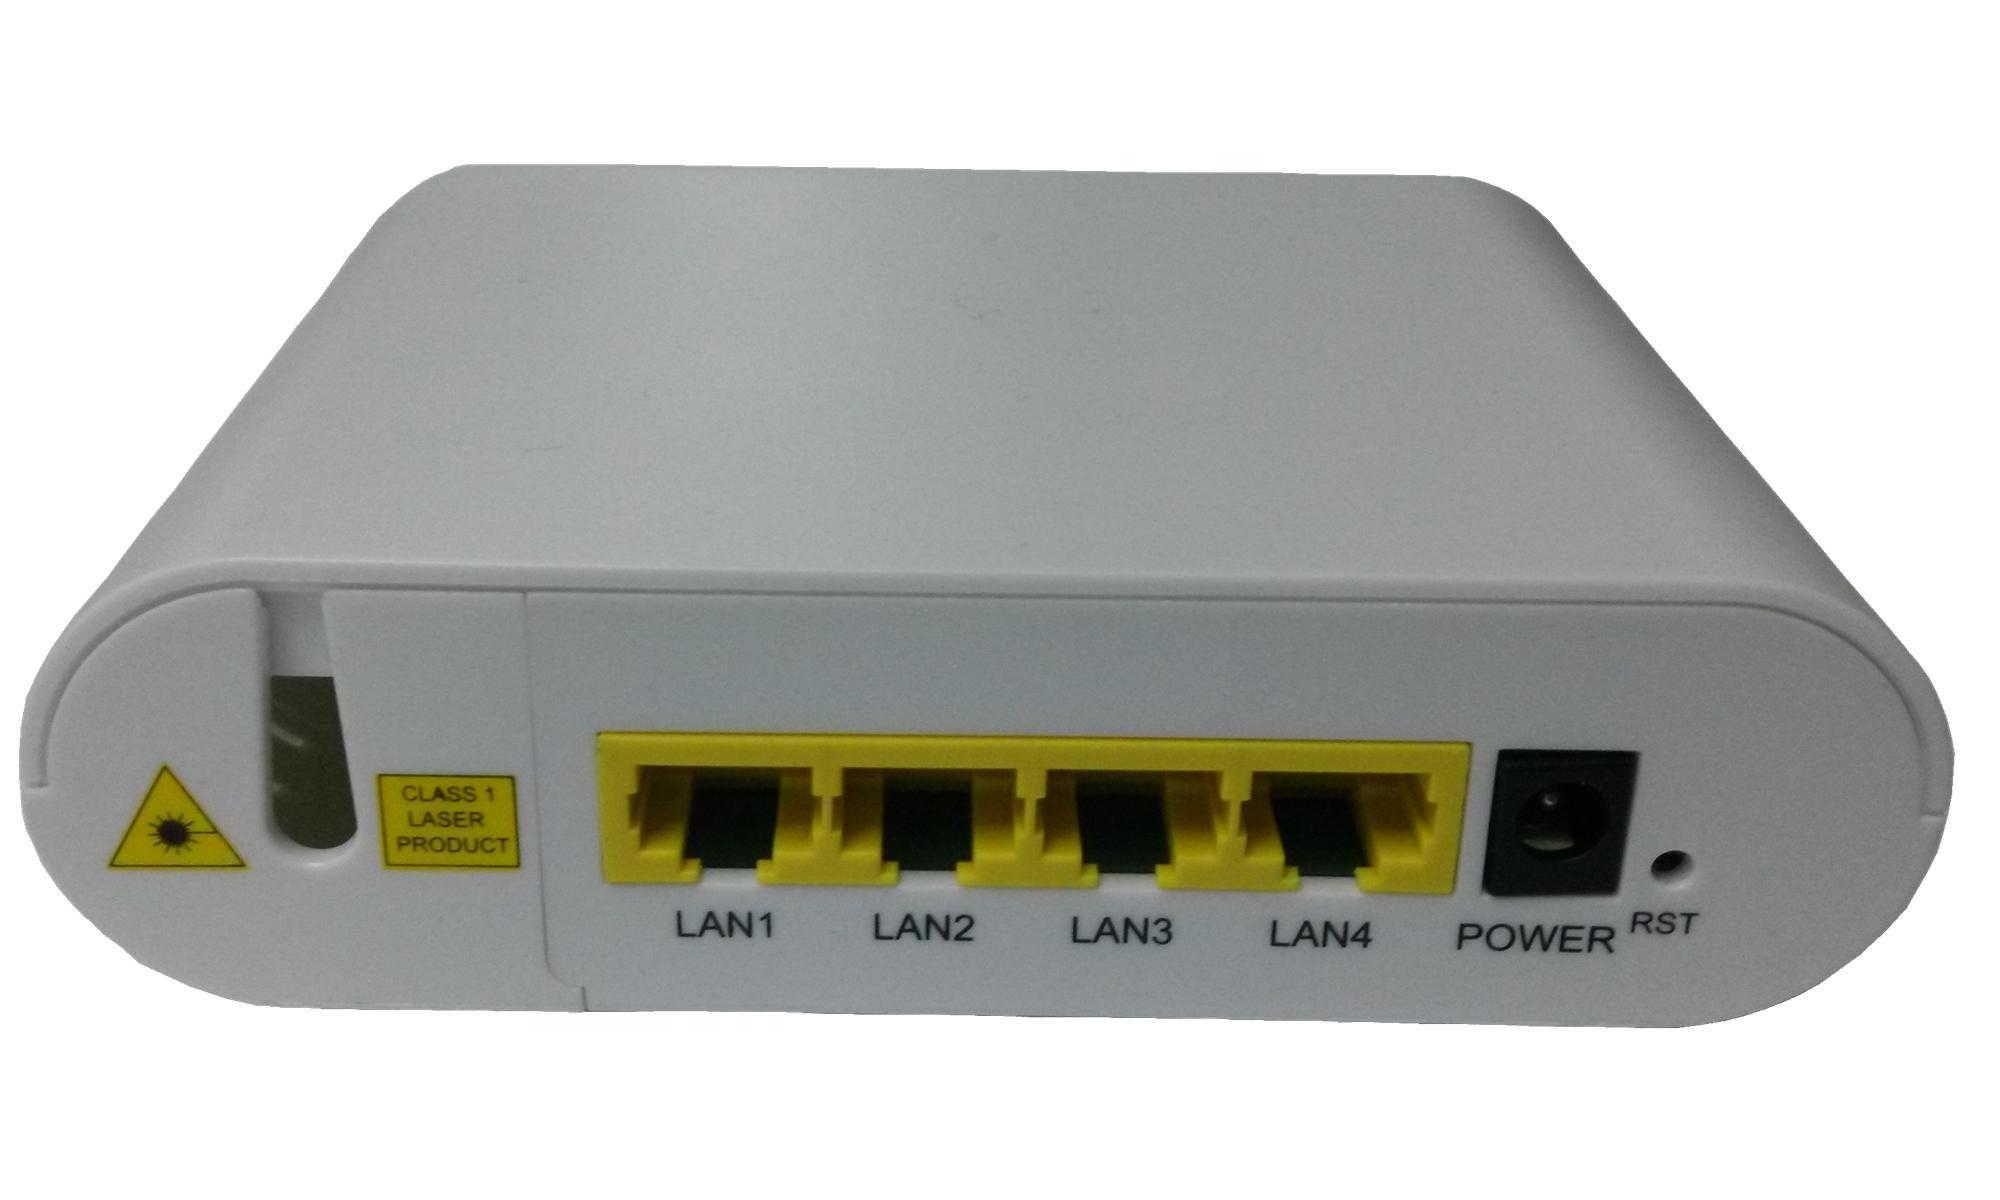 光猫怎么连接无线路由器